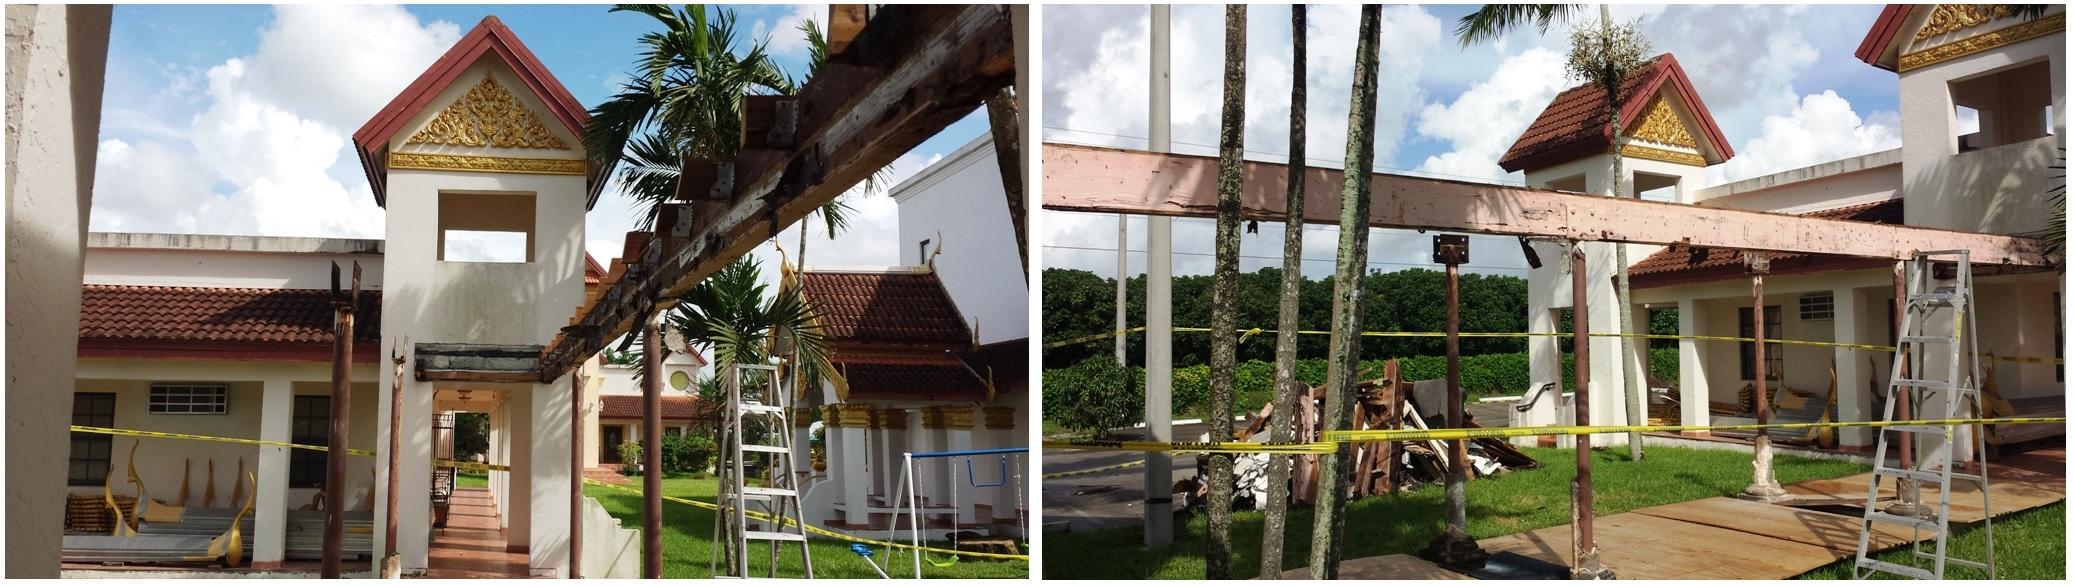 Walk way, Poles and Roof Repair